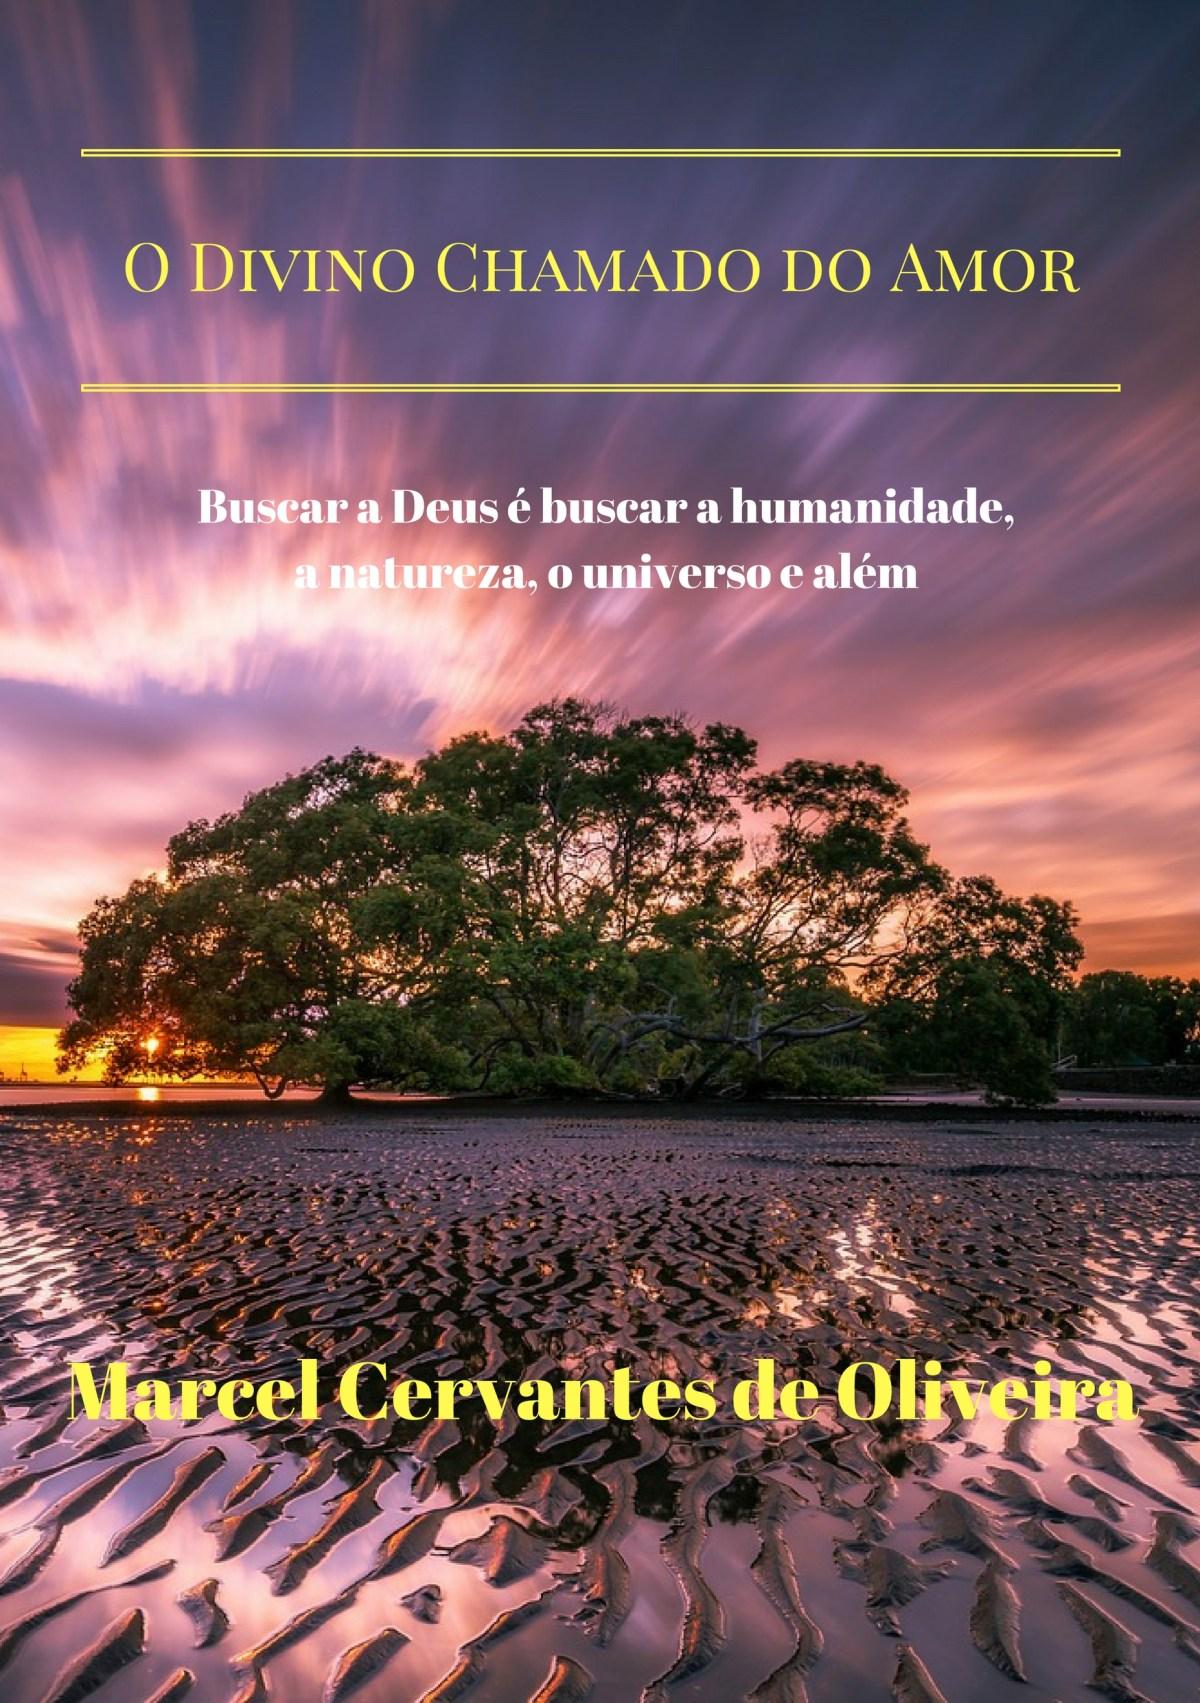 O DIVINO CHAMADO DO AMOR - MARCEL CERVANTES DE OLIVEIRA